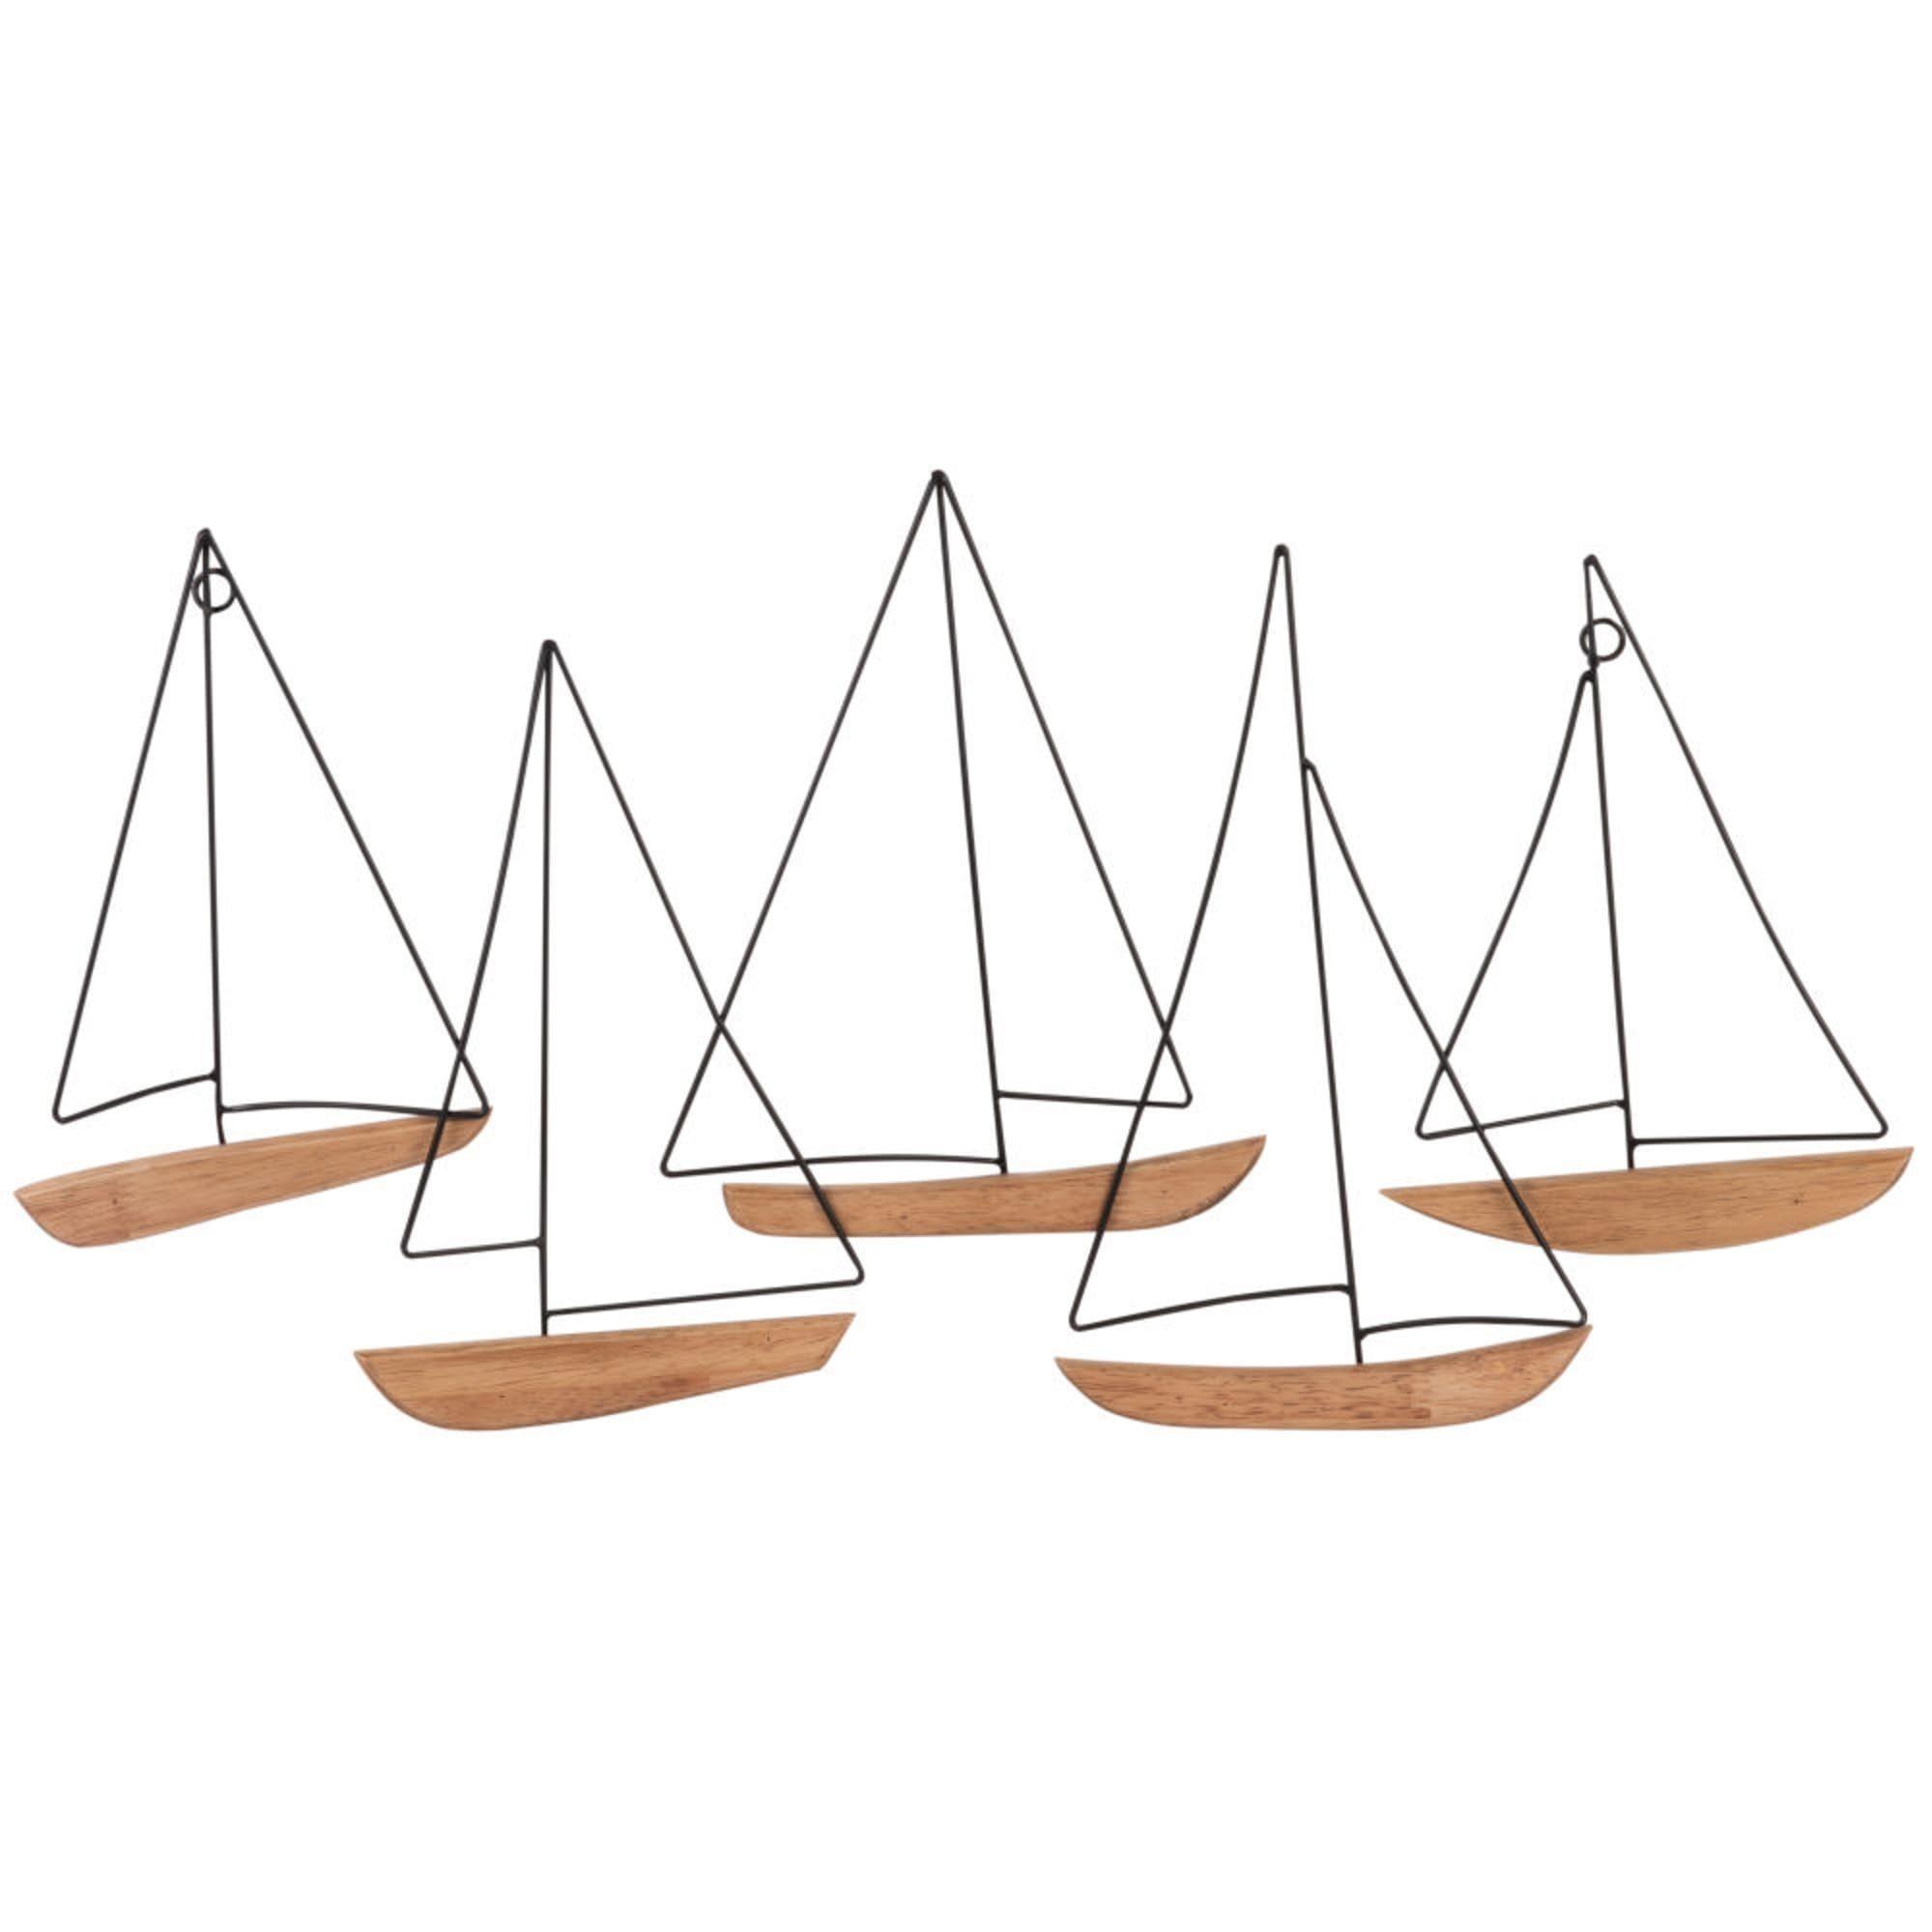 Bateaux en bois et métal.